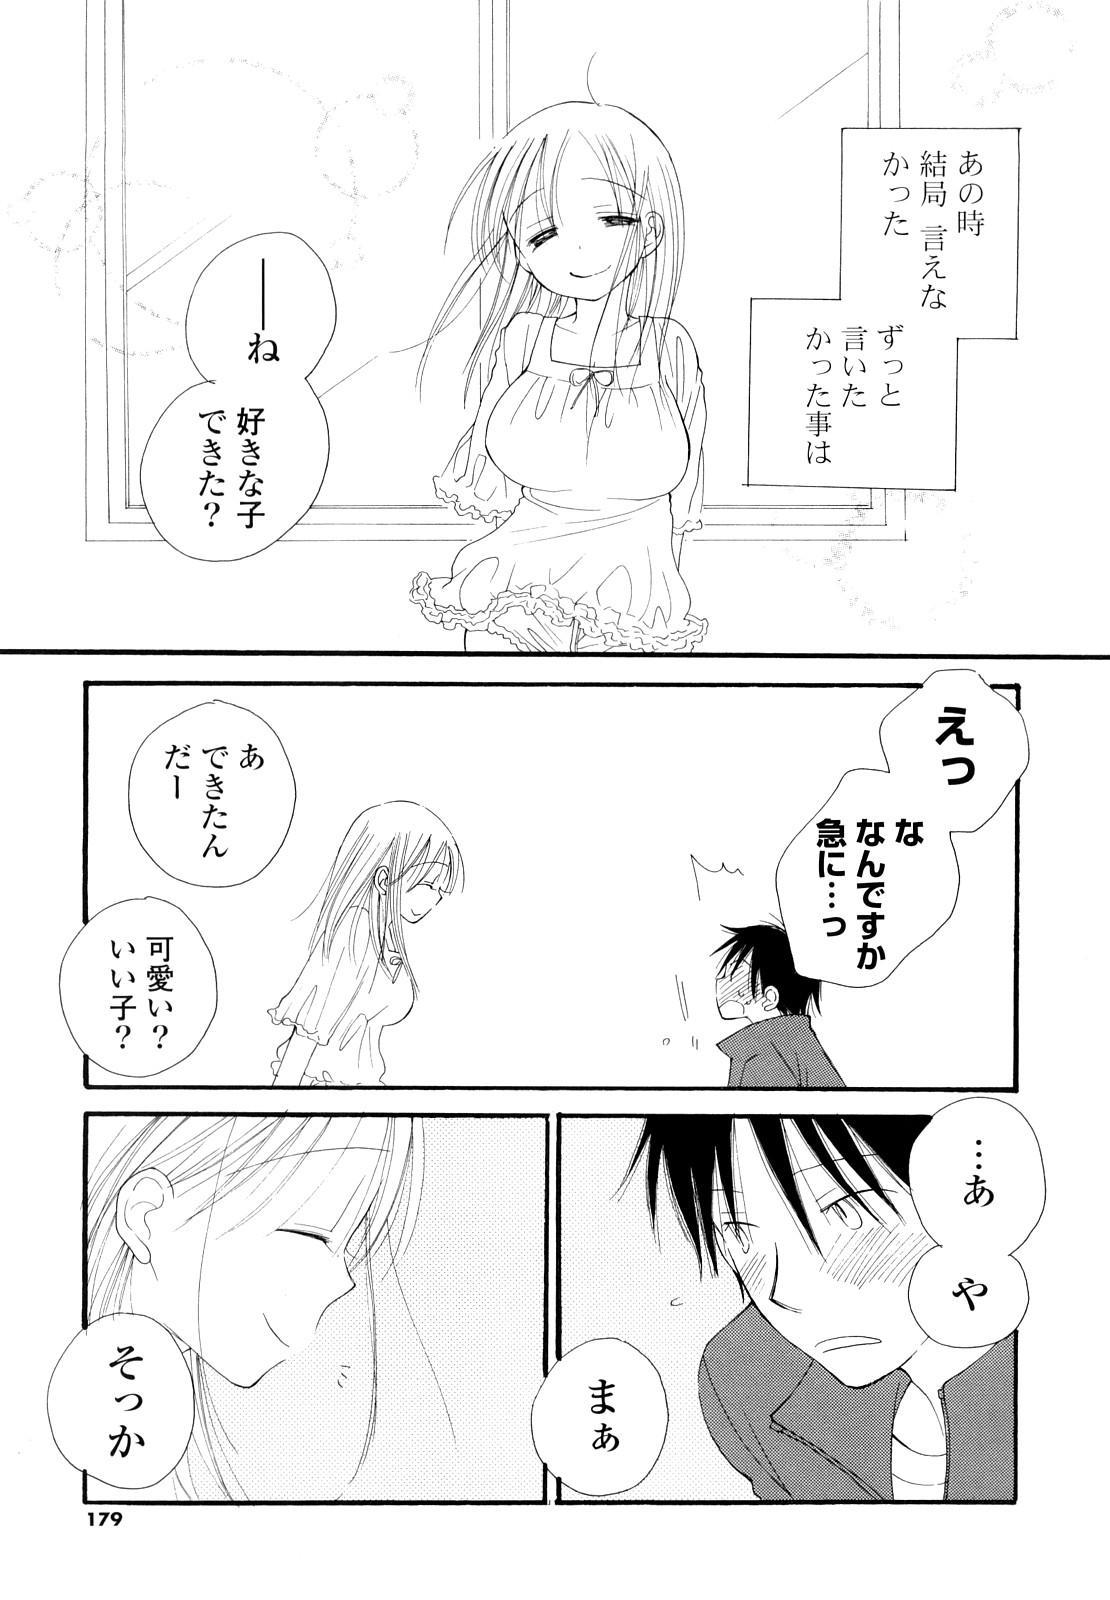 Houkago Nyan Nyan 177